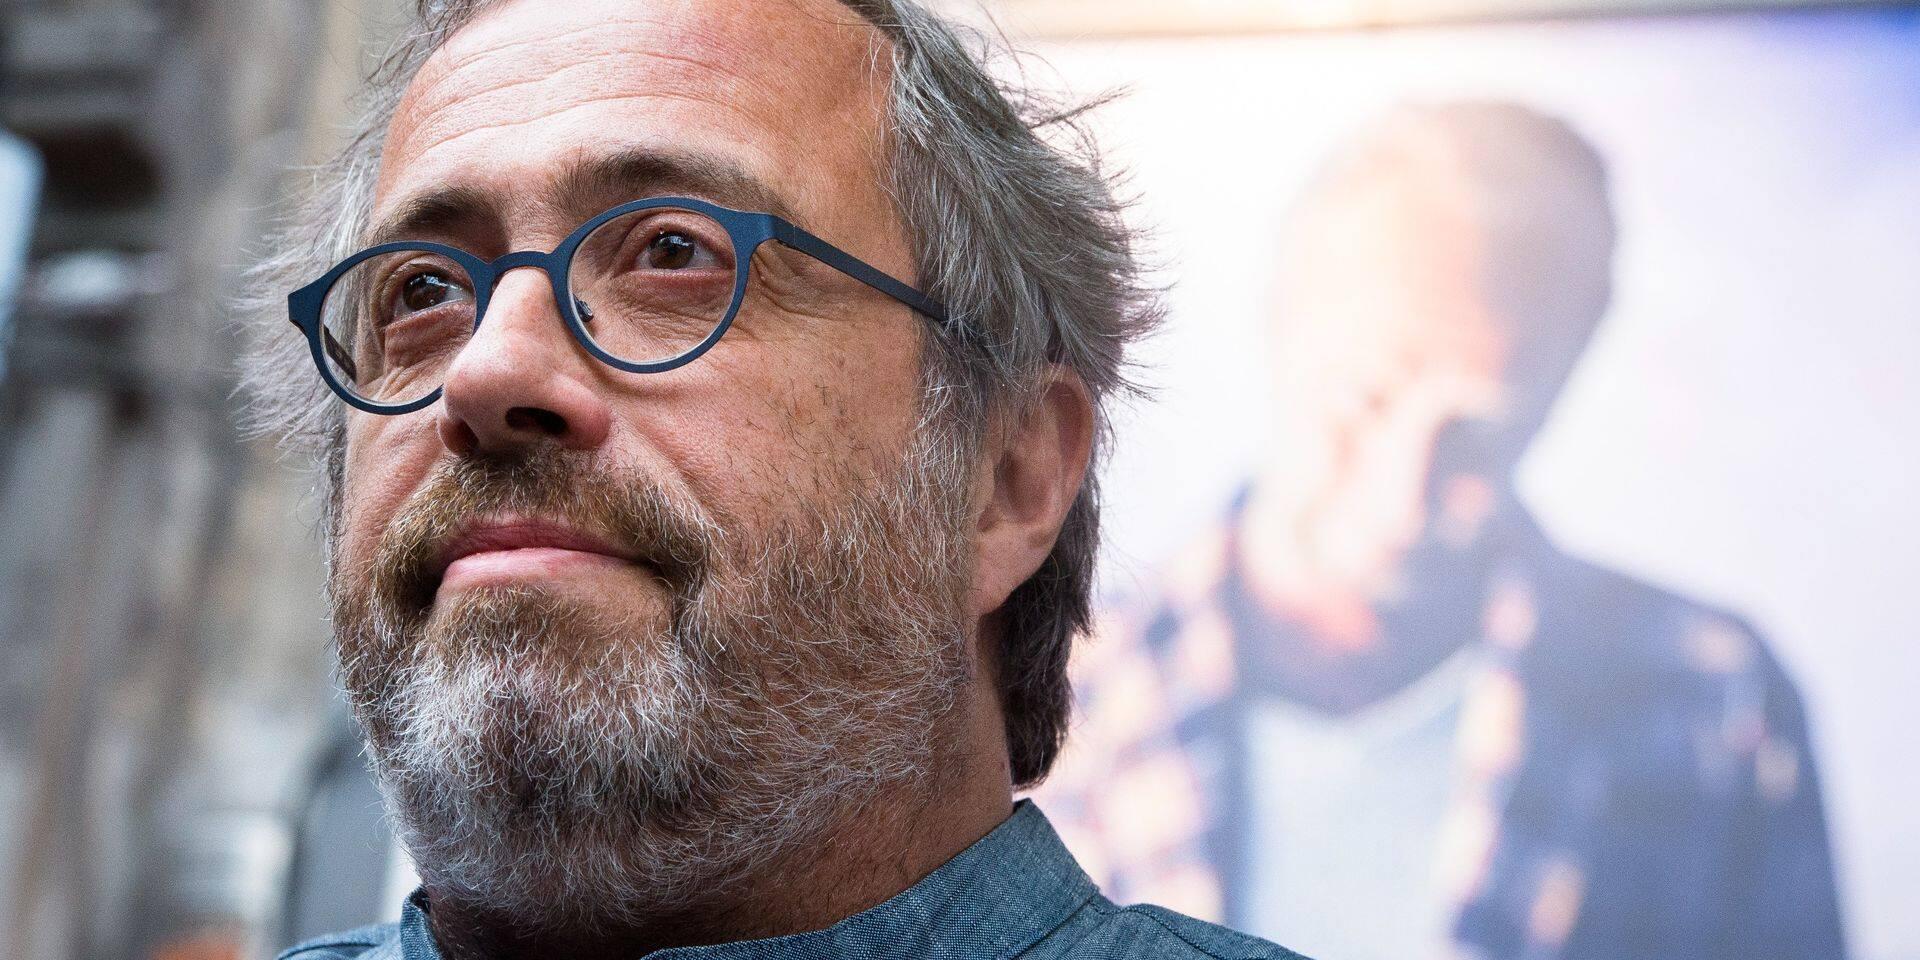 """Jaco Van Dormael au Festival International du Film de Mons: """"Les deux plus grandes qualités d'un réalisateur, c'est être obstiné et un peu con. Surtout un peu con"""""""